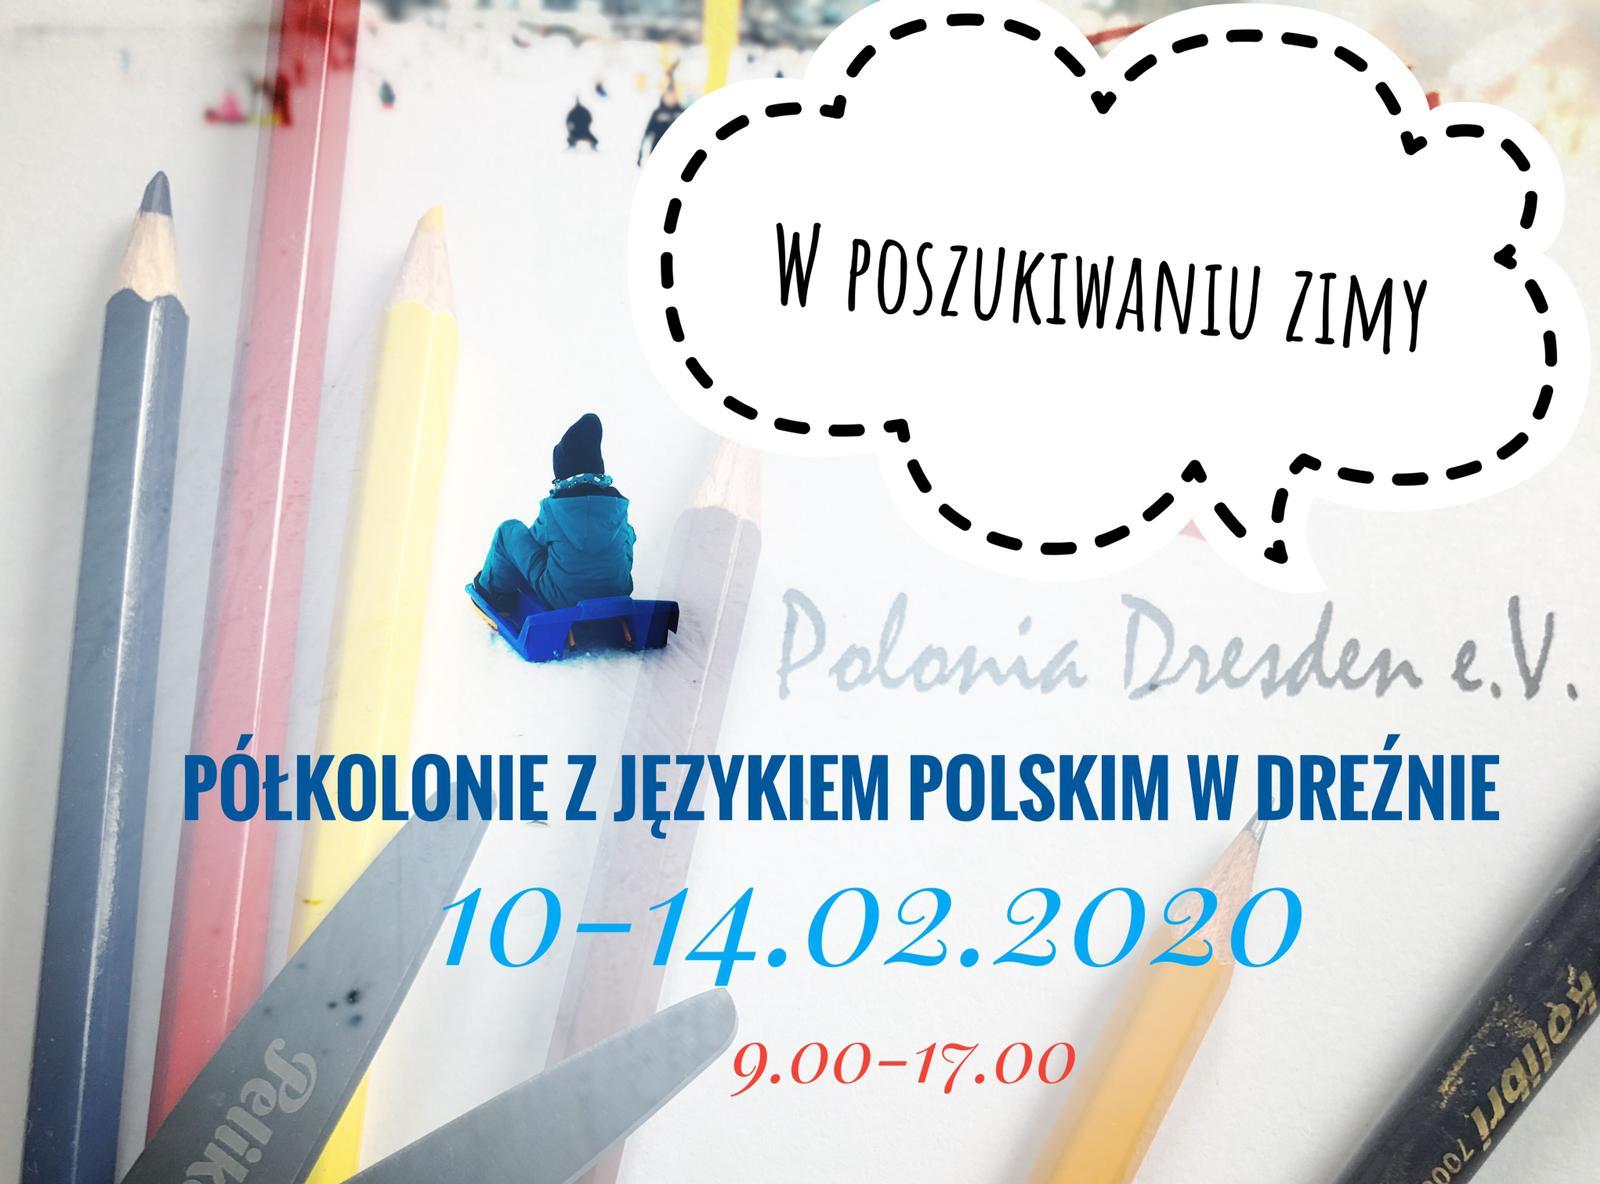 Zapraszamy na półkolonie z językiem polskim w Dreźnie